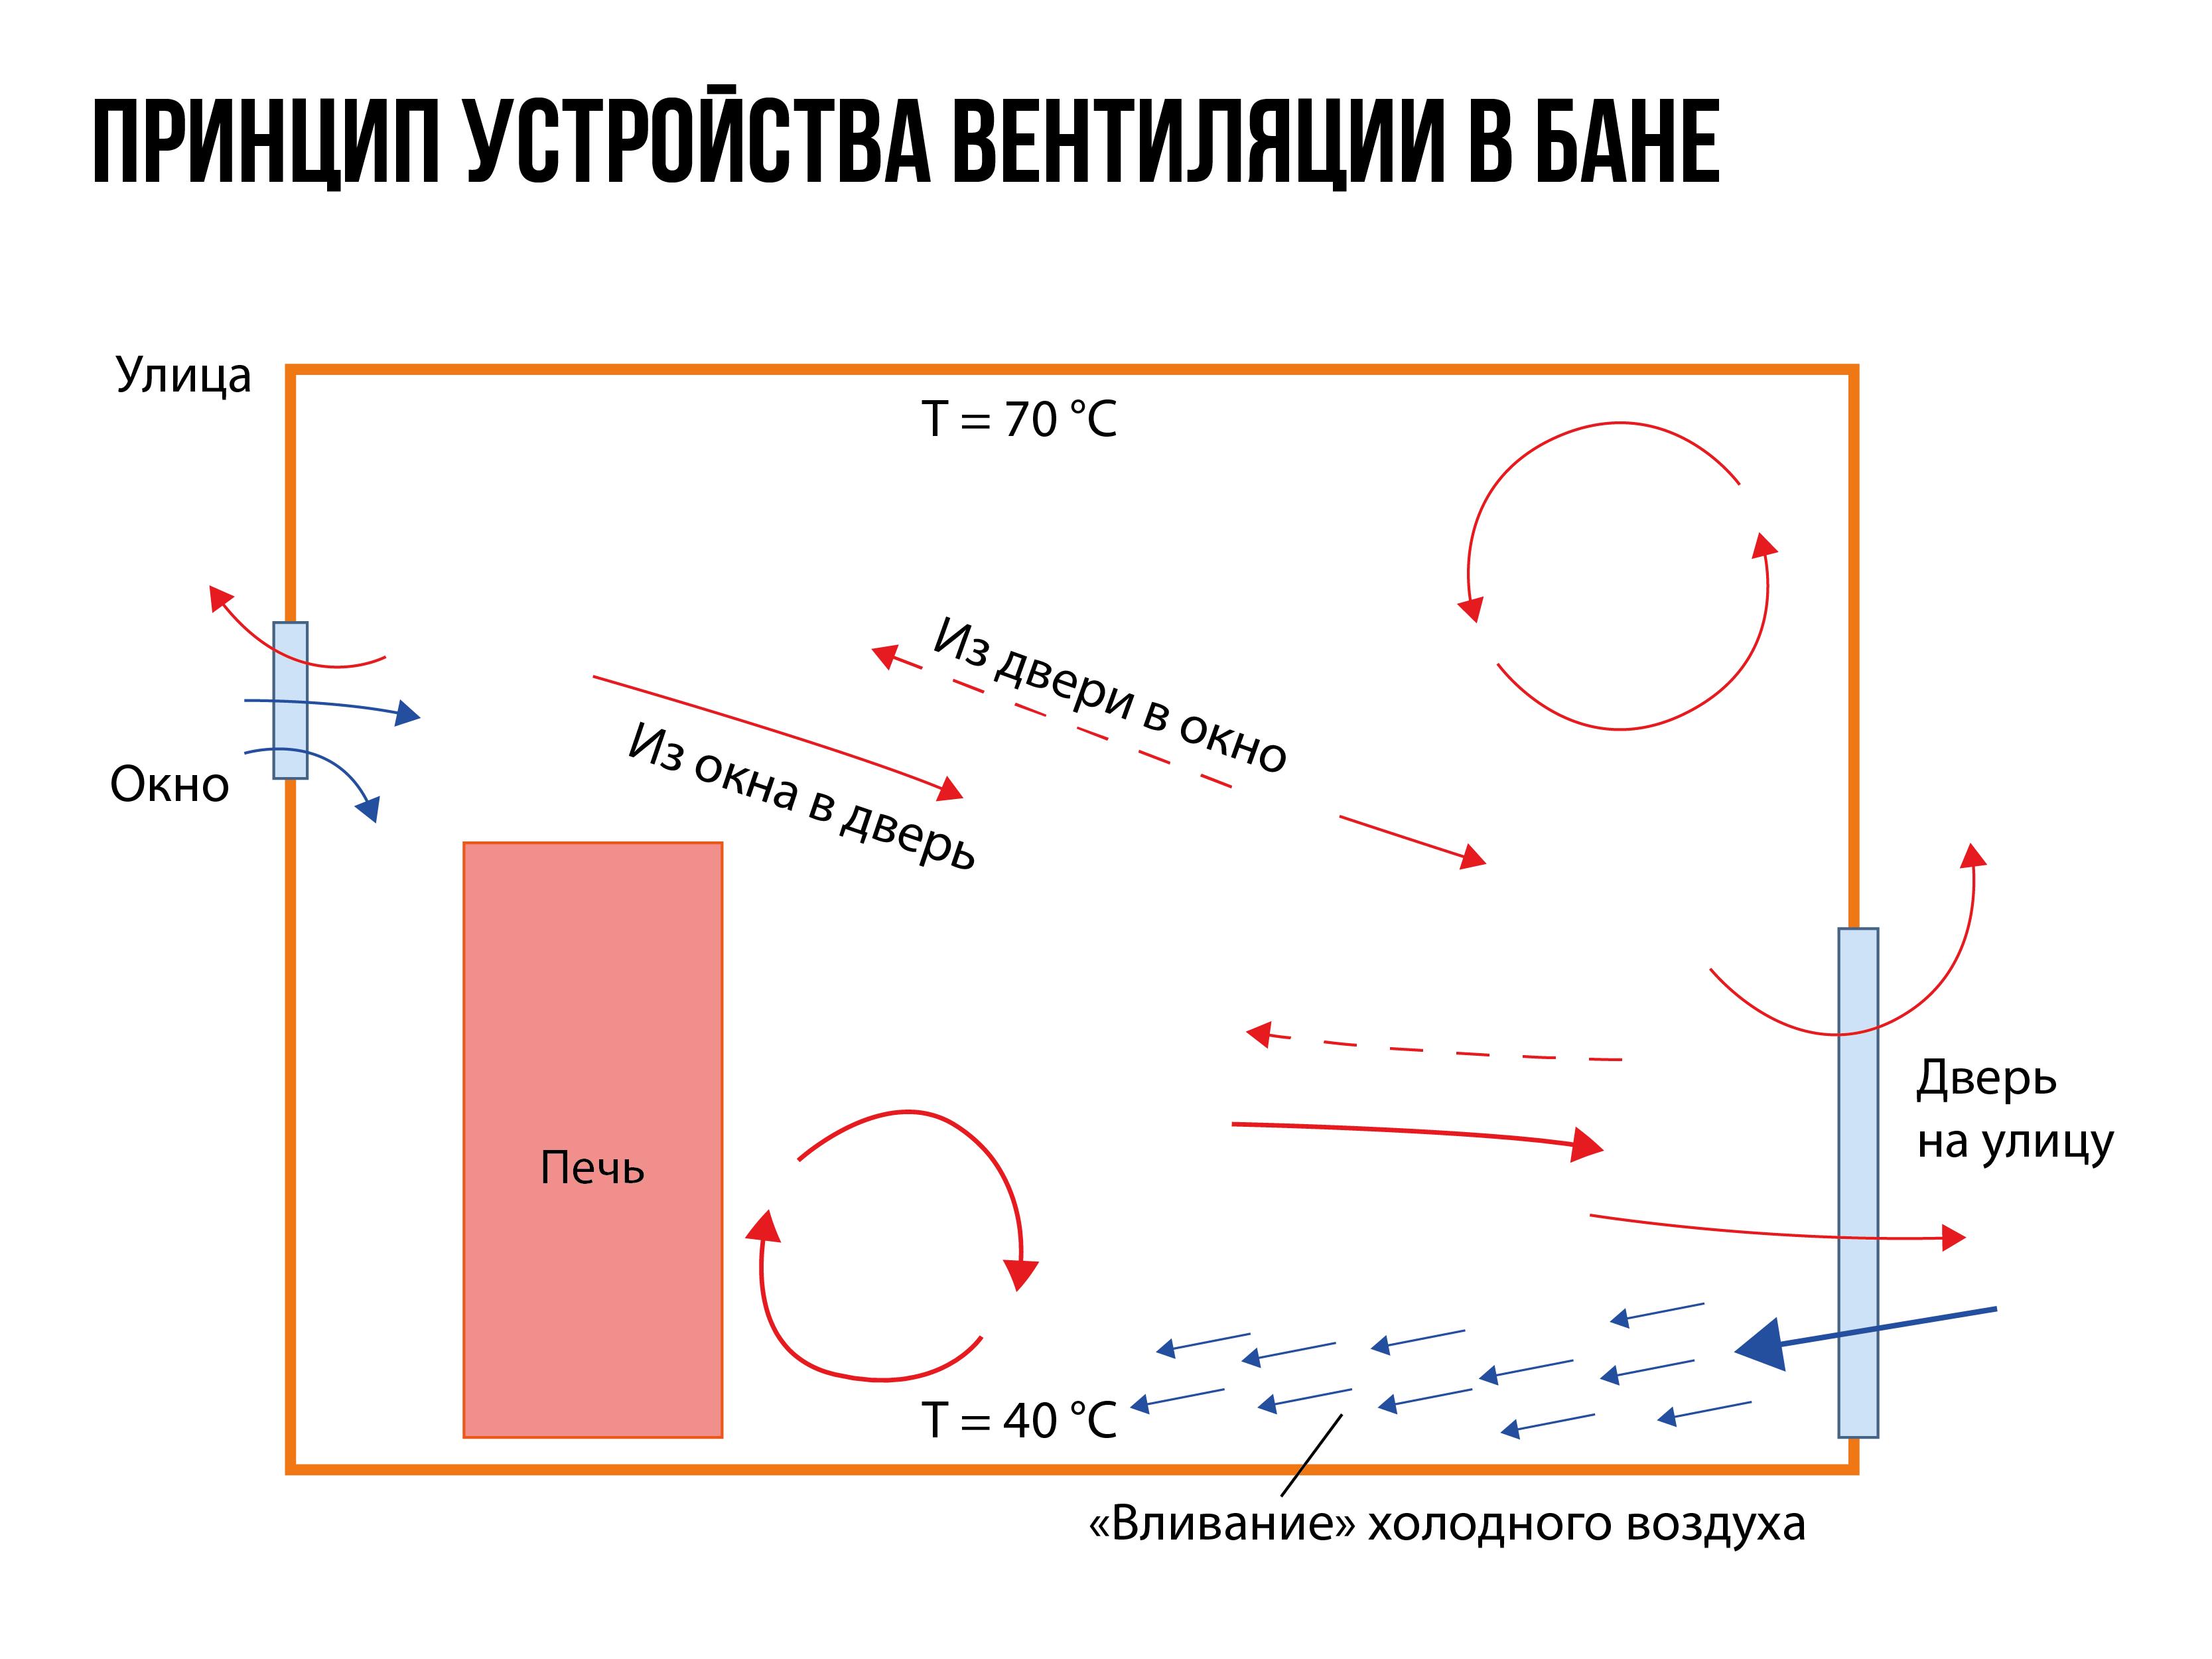 Princip-ustrojstva-ventilyacii-v-bane_Montazhnaya-oblast-1.png